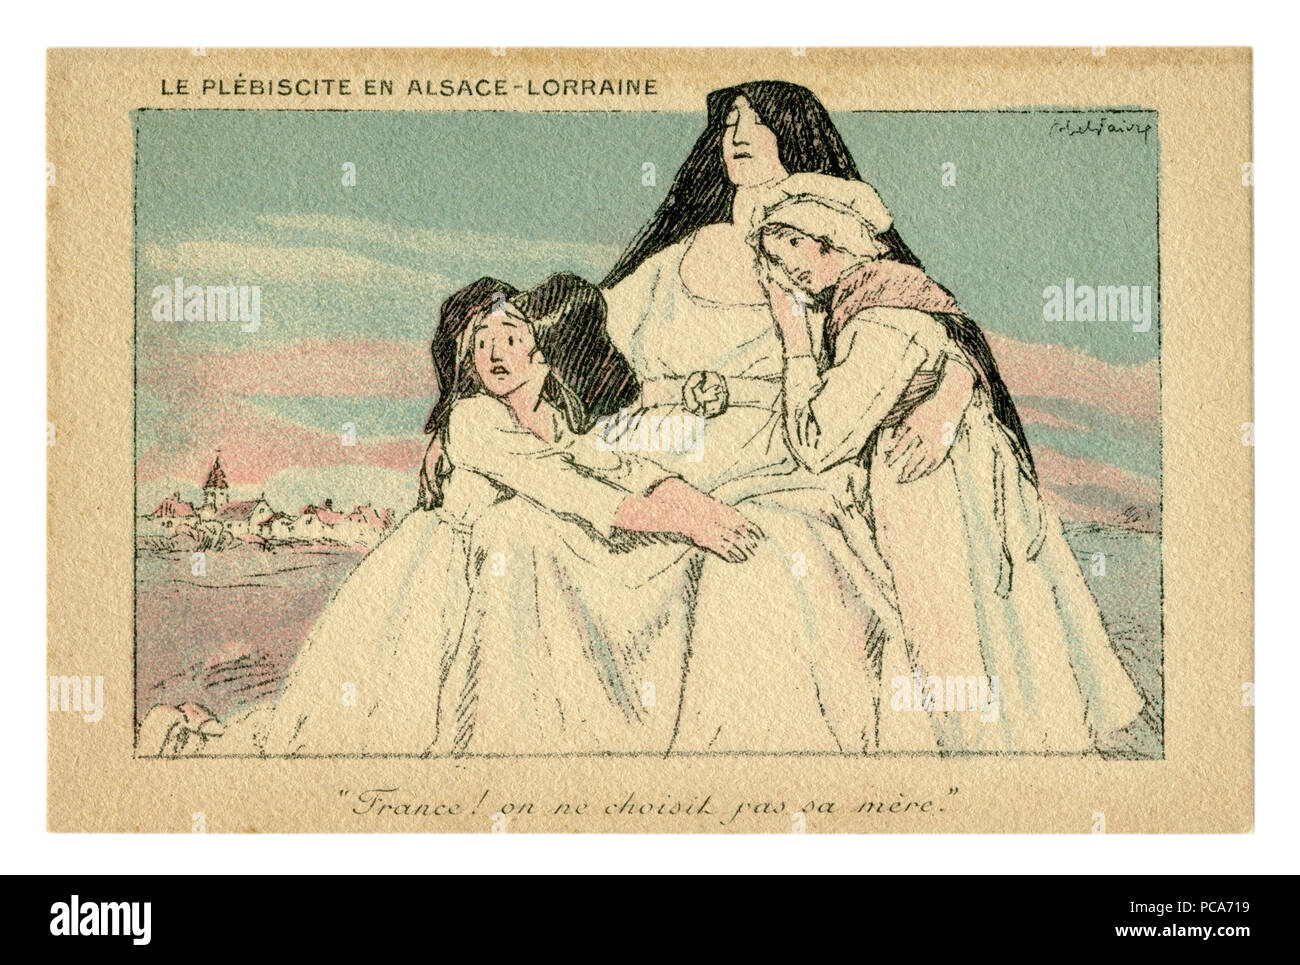 Storico francese cartolina: Francia libera l'Alsazia e la Lorena. Allegoria. Le figlie di Madre di braccia. Vittoria! Simbolismo. la prima guerra mondiale (1914-1918). Immagini Stock